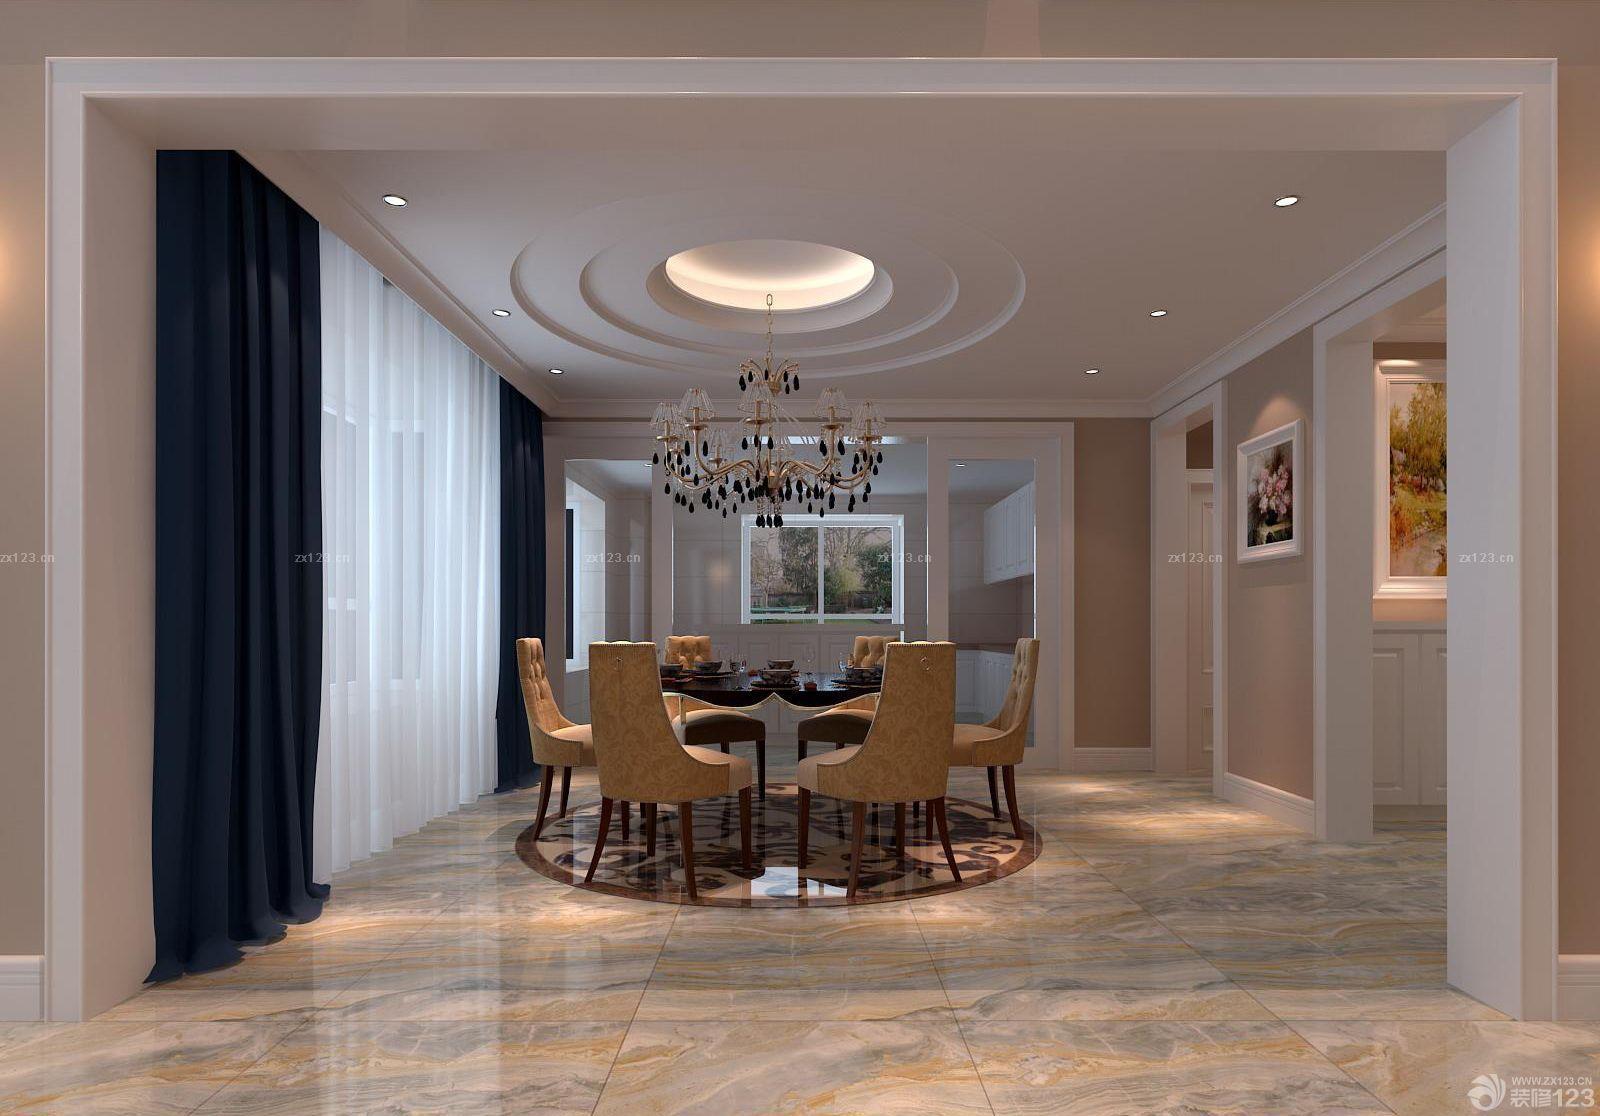 现代欧式风格别墅餐厅装饰图片设计